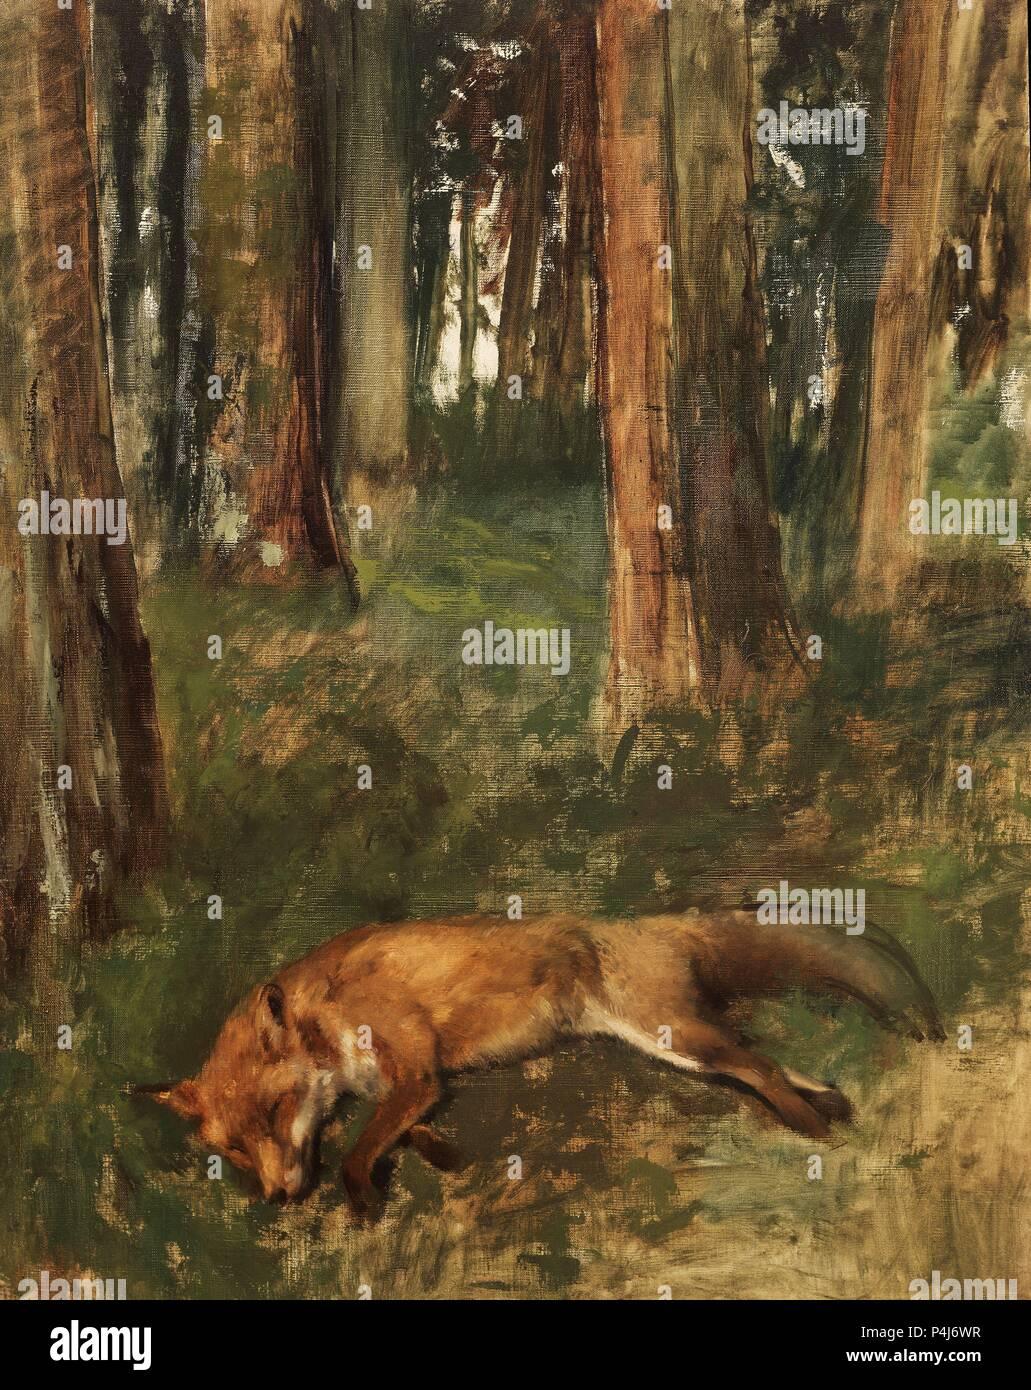 Fox morto giacente nel sottobosco - 1864/68 - 93x72 cm - Olio su tela. Autore: Edgar Degas (1834-1917). Posizione: Museo delle Belle Arti, Rouen, Francia. Noto anche come: ZORRO MUERTO, SOTOBOSQUE; RENARD MORT DANS LE sous-Bois. Foto Stock